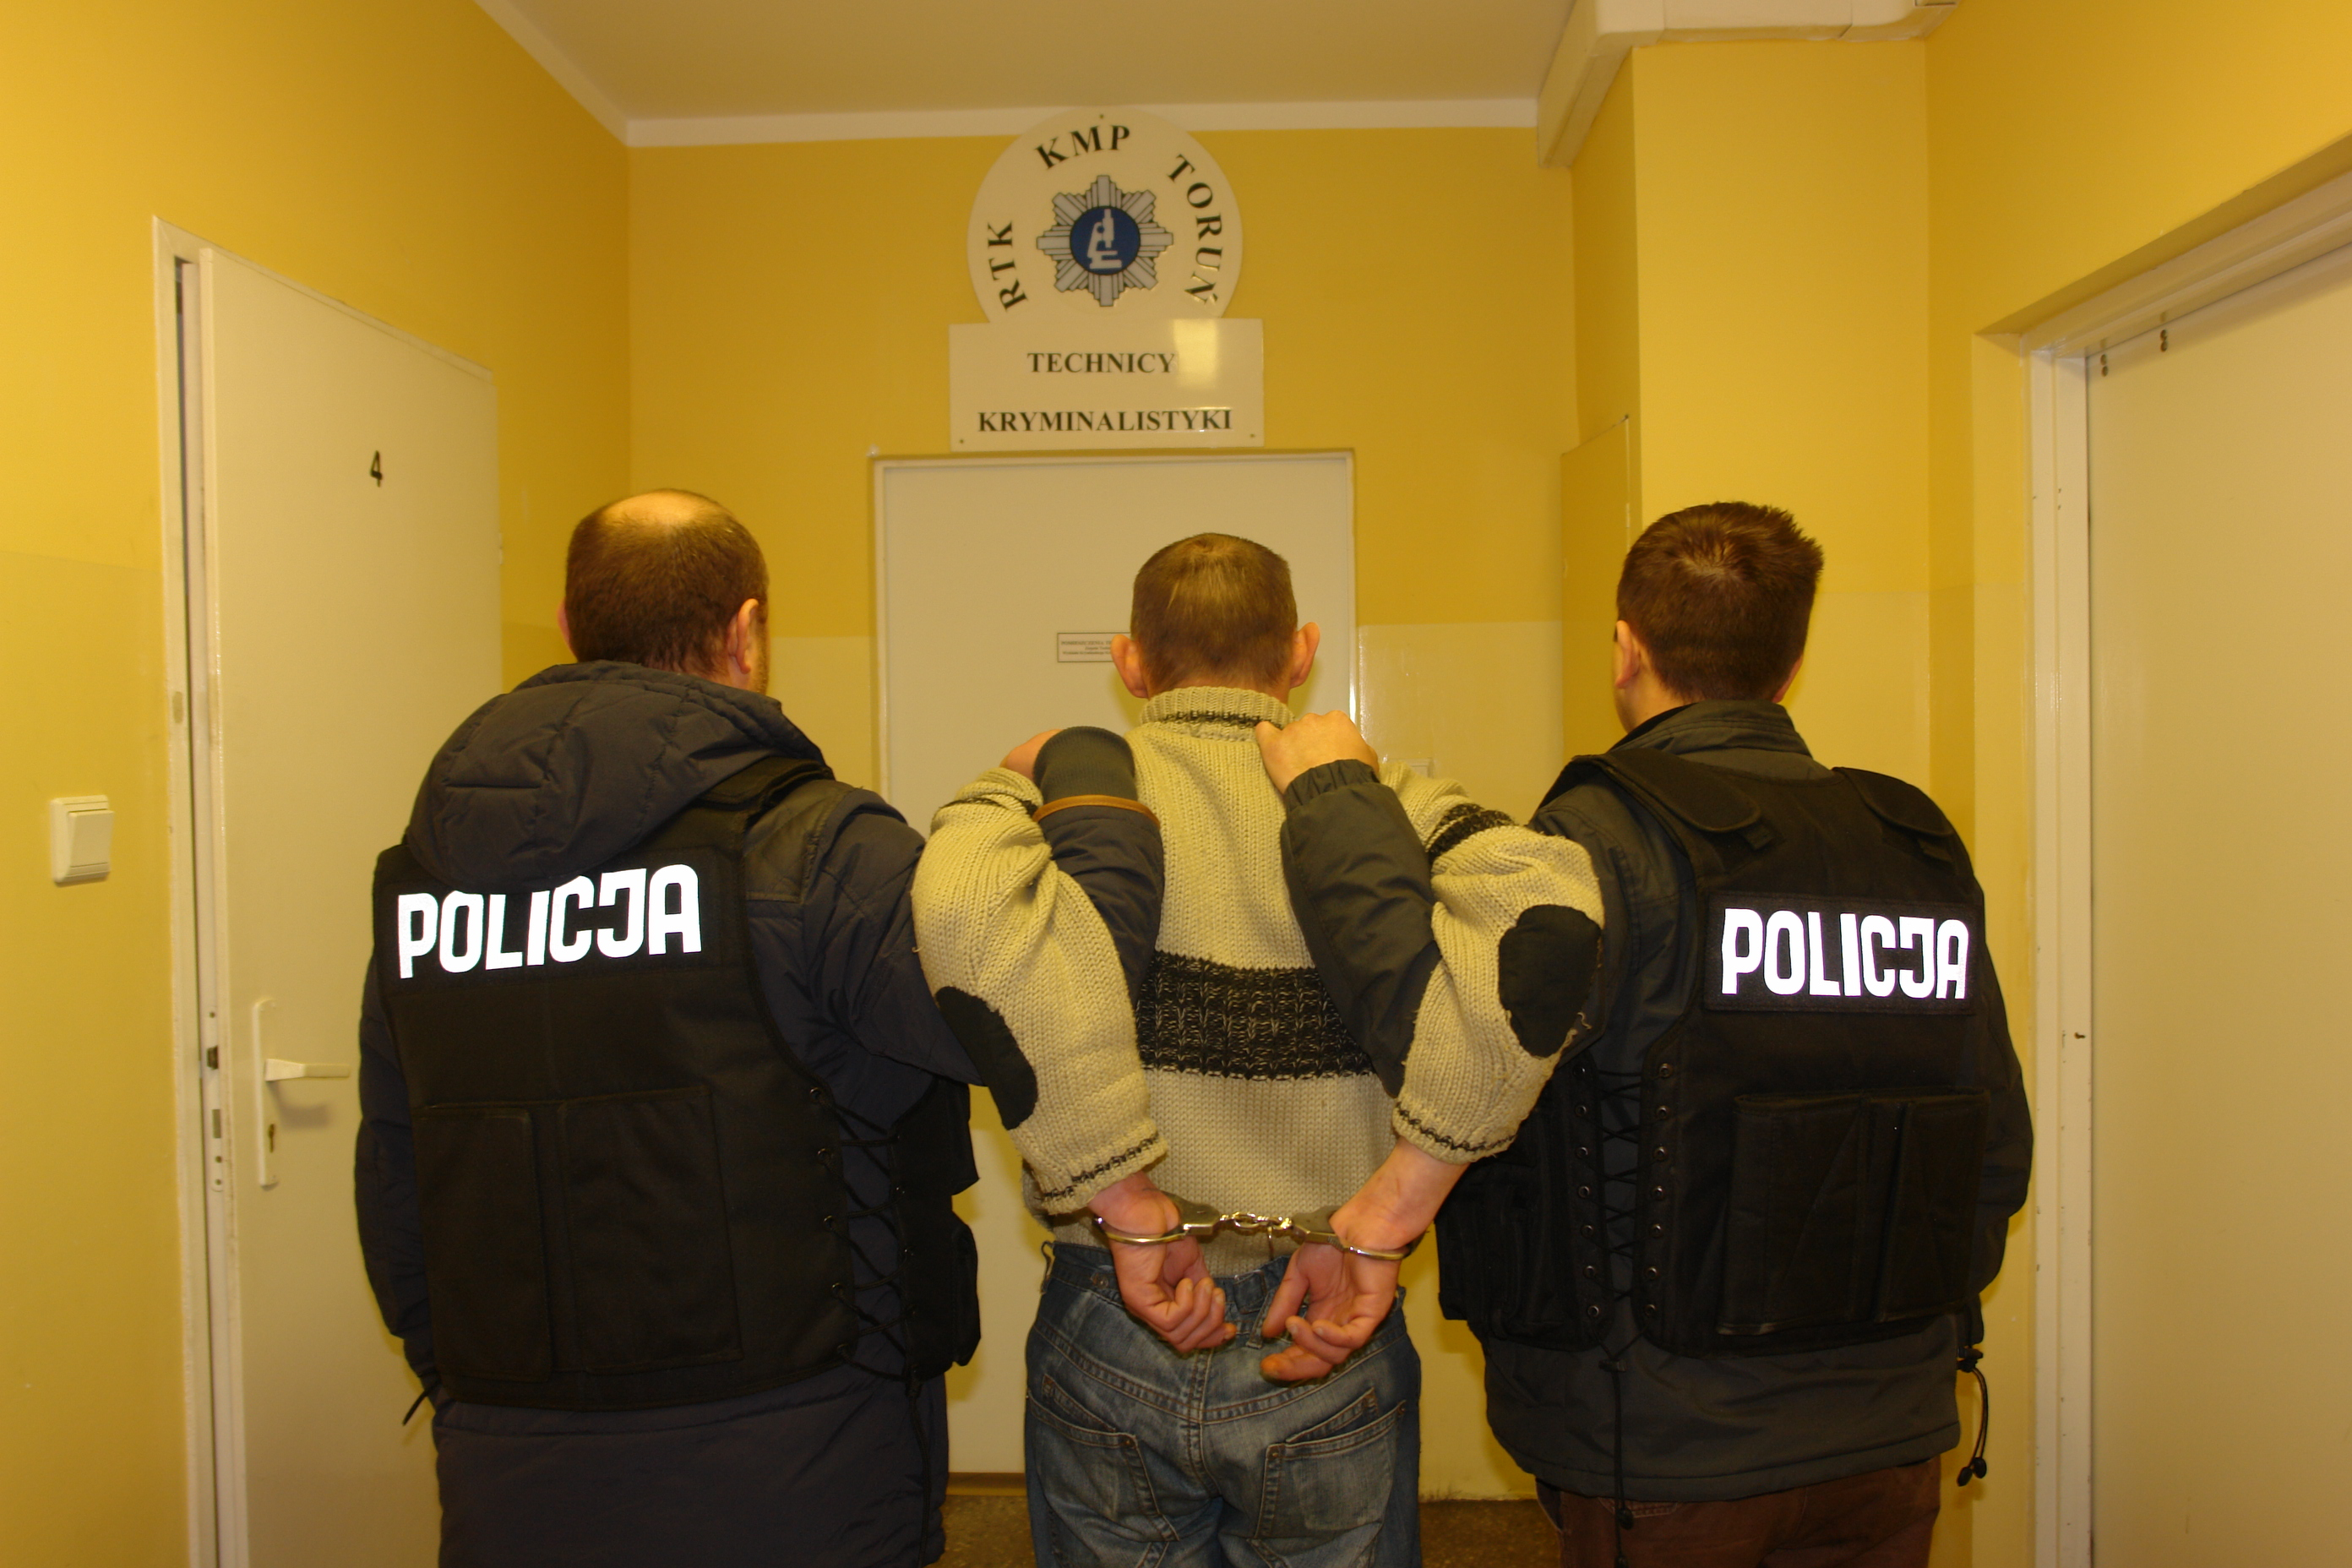 319886ed4 Toruńscy policjanci zatrzymali dwie osoby, podejrzane o dokonanie napadu na  93-letnią kobietę. Foto: Policja